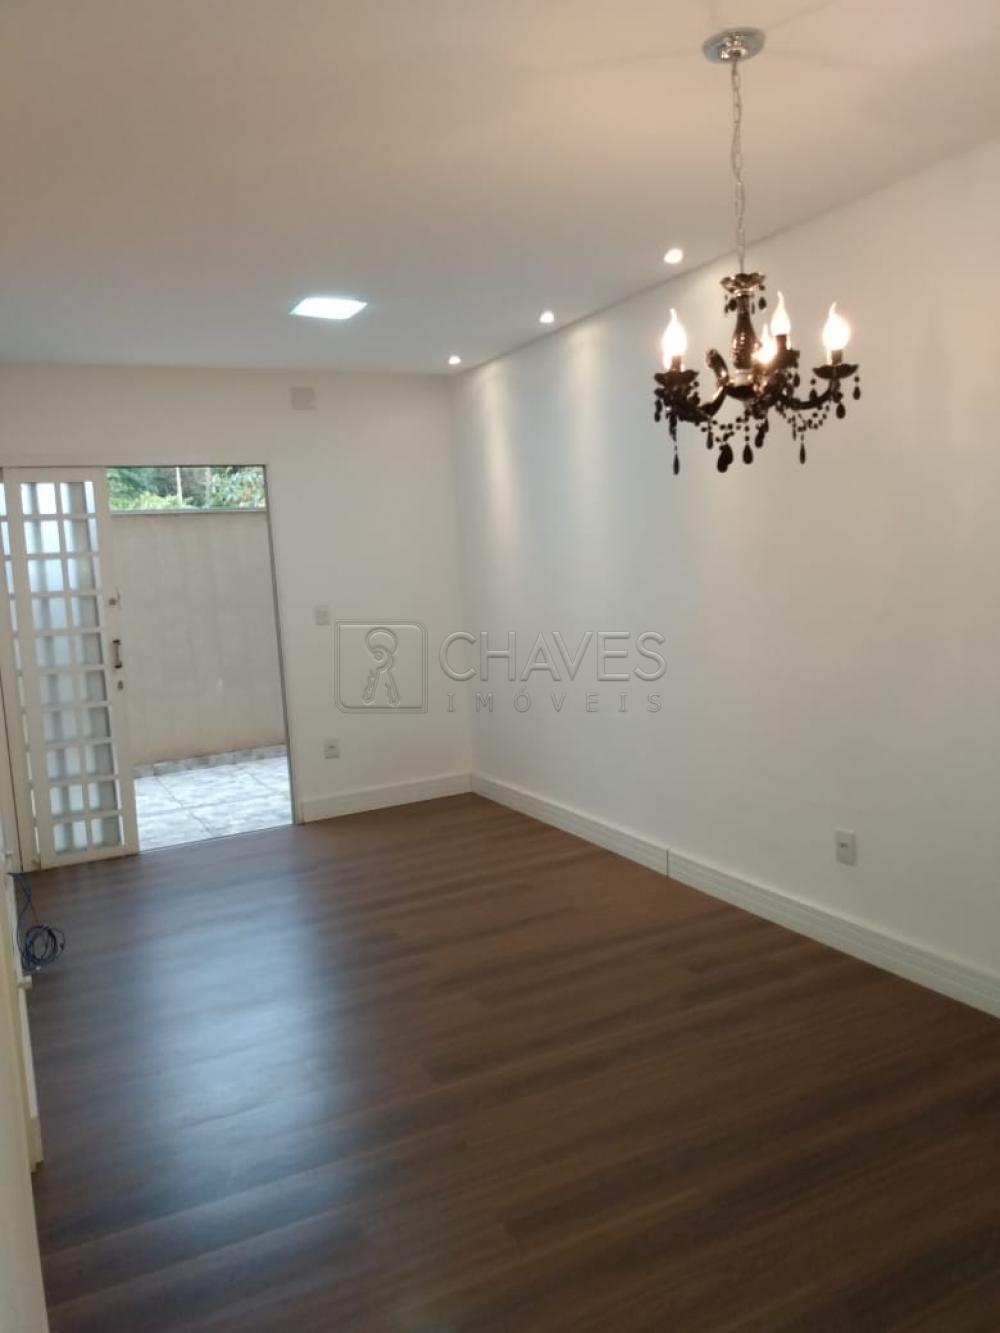 Comprar Apartamento / Padrão em Brodowski R$ 150.000,00 - Foto 3